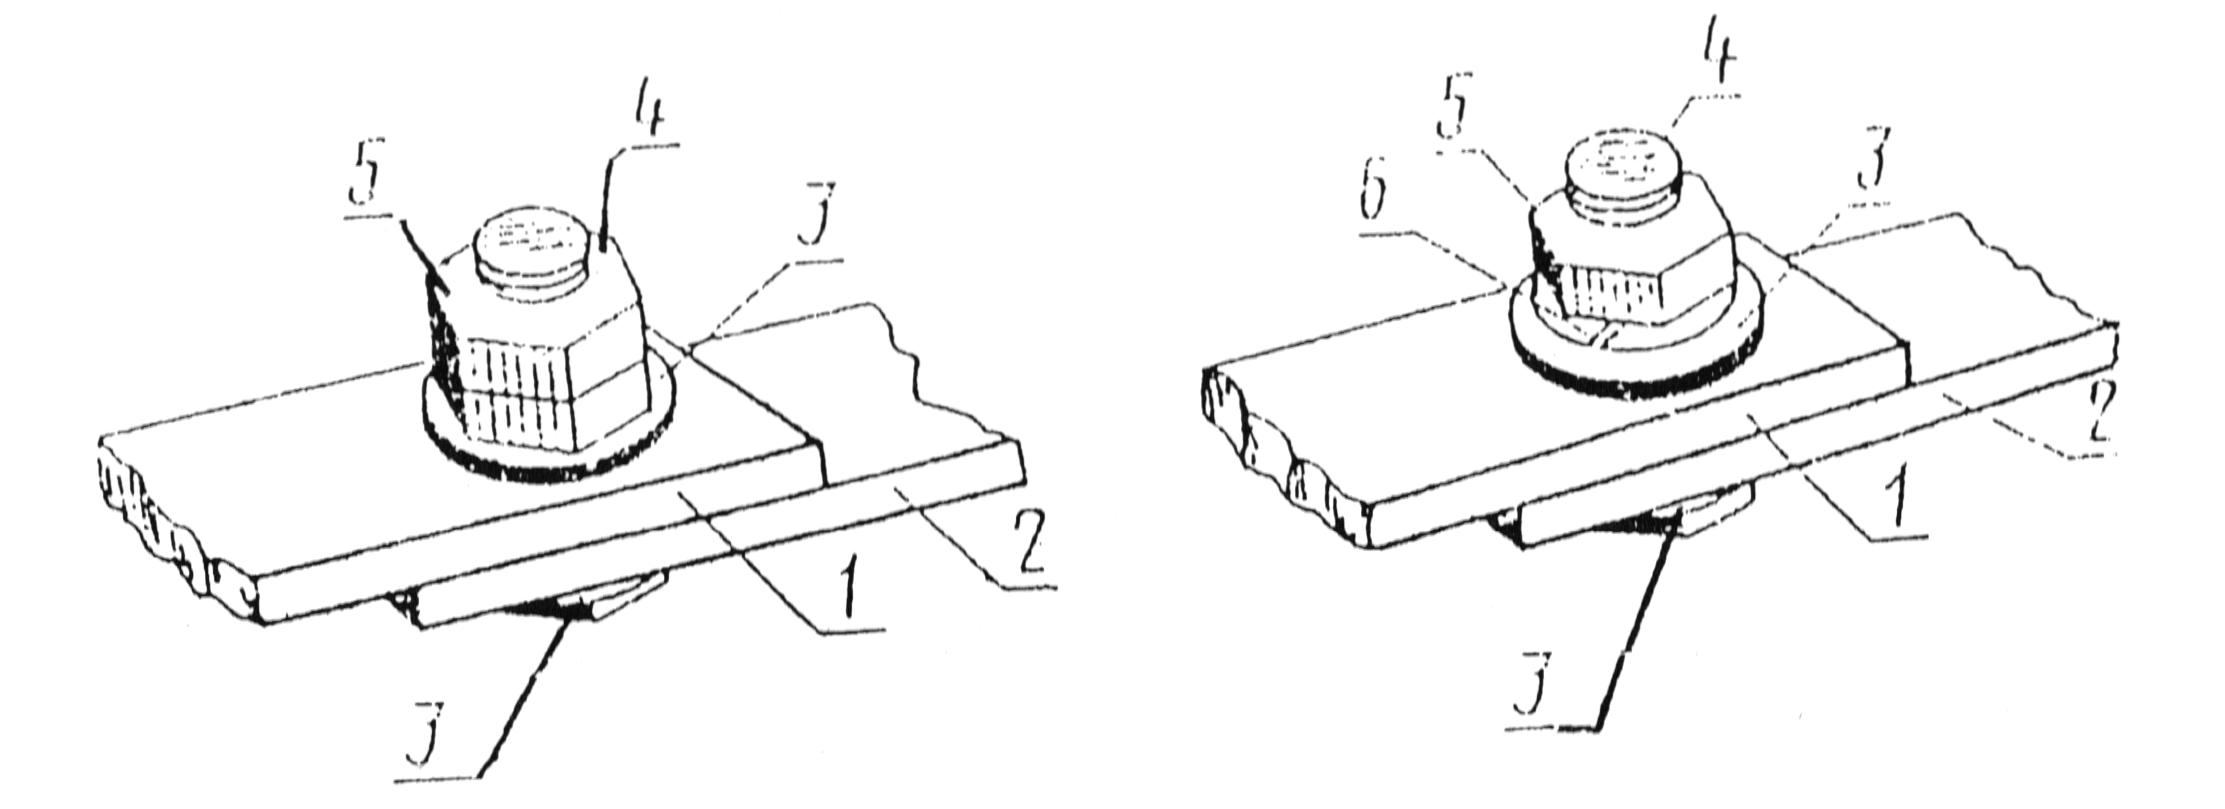 Разборные соединения проводников с плоскими контактными поверхностями - с контргайкой (слева) и с пружинной шайбой (справа)